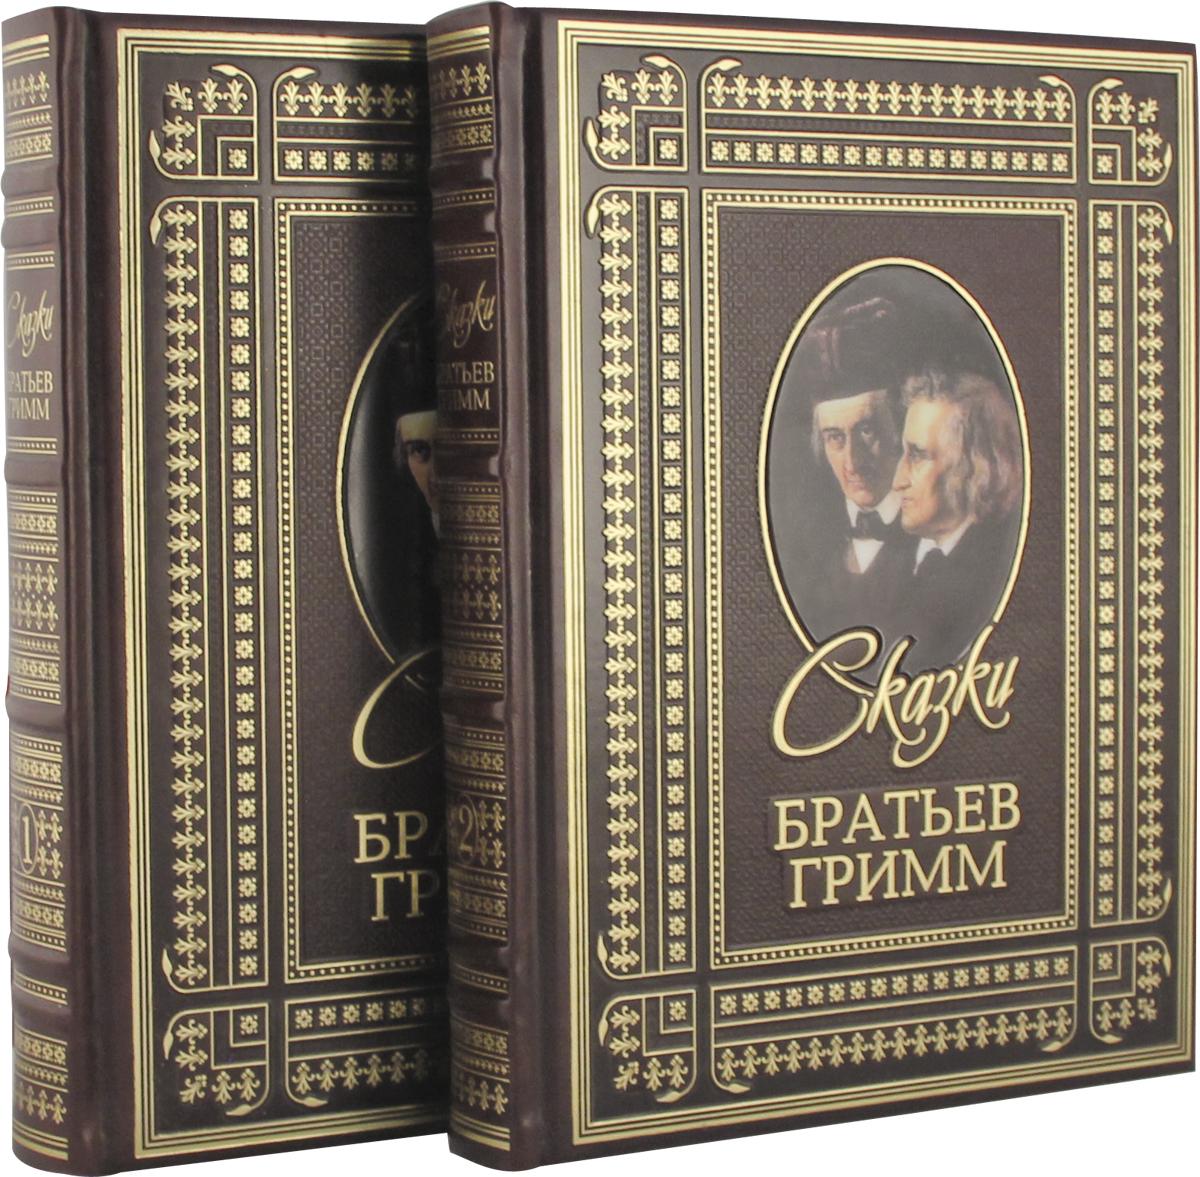 Я.Гримм,В. К. Гримм Сказки Братьев Гримм. Комплект из 2-х книг(подарочное издание)